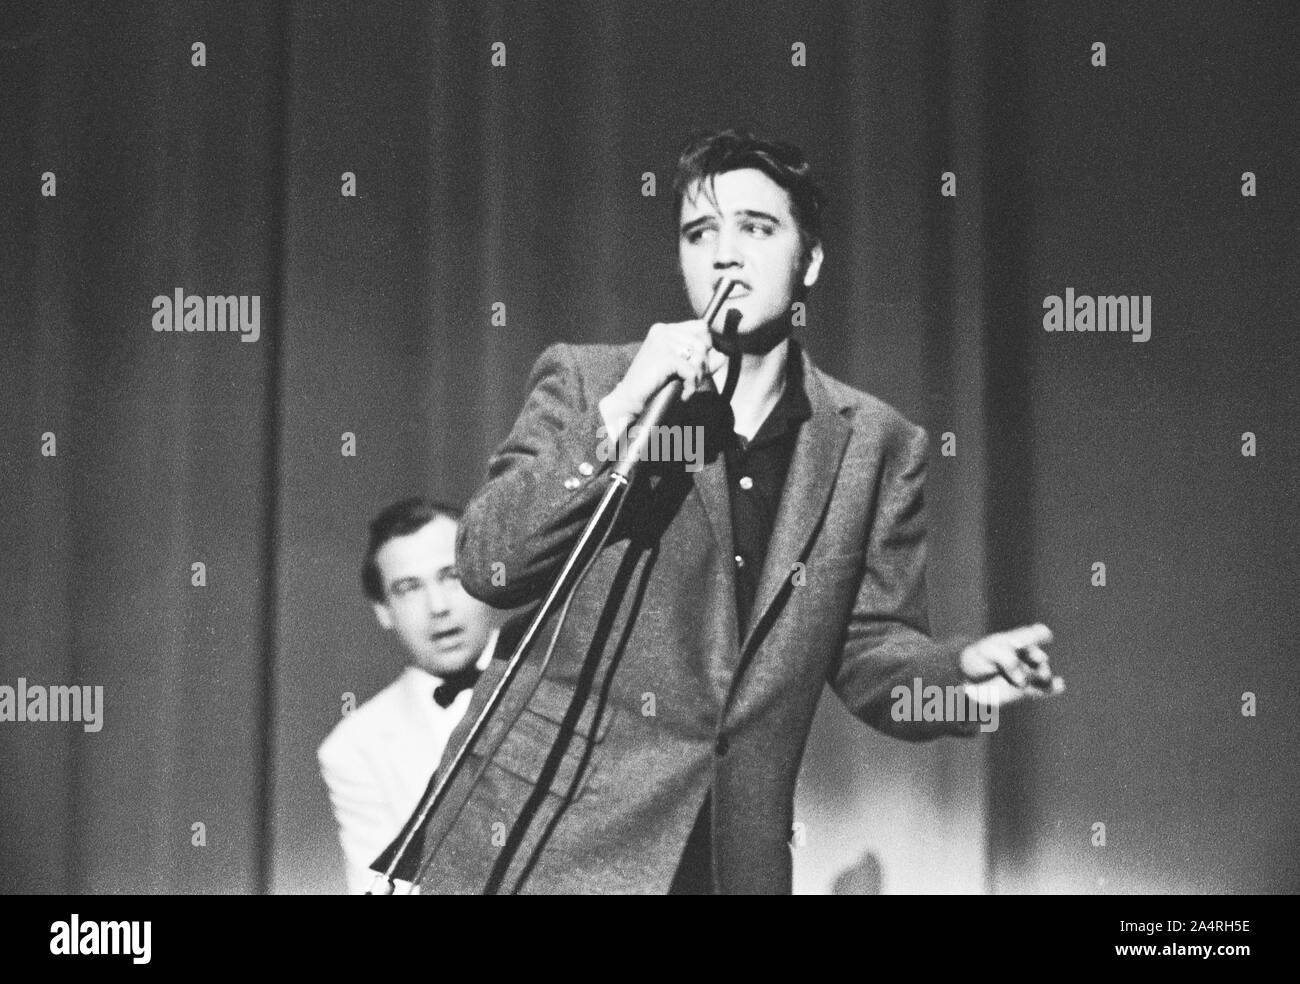 Elvis Presley realizando el 26 de mayo de 1956. La actuación tuvo lugar en el Veteran's Memorial Auditorium, Columbus, Ohio. Foto de stock